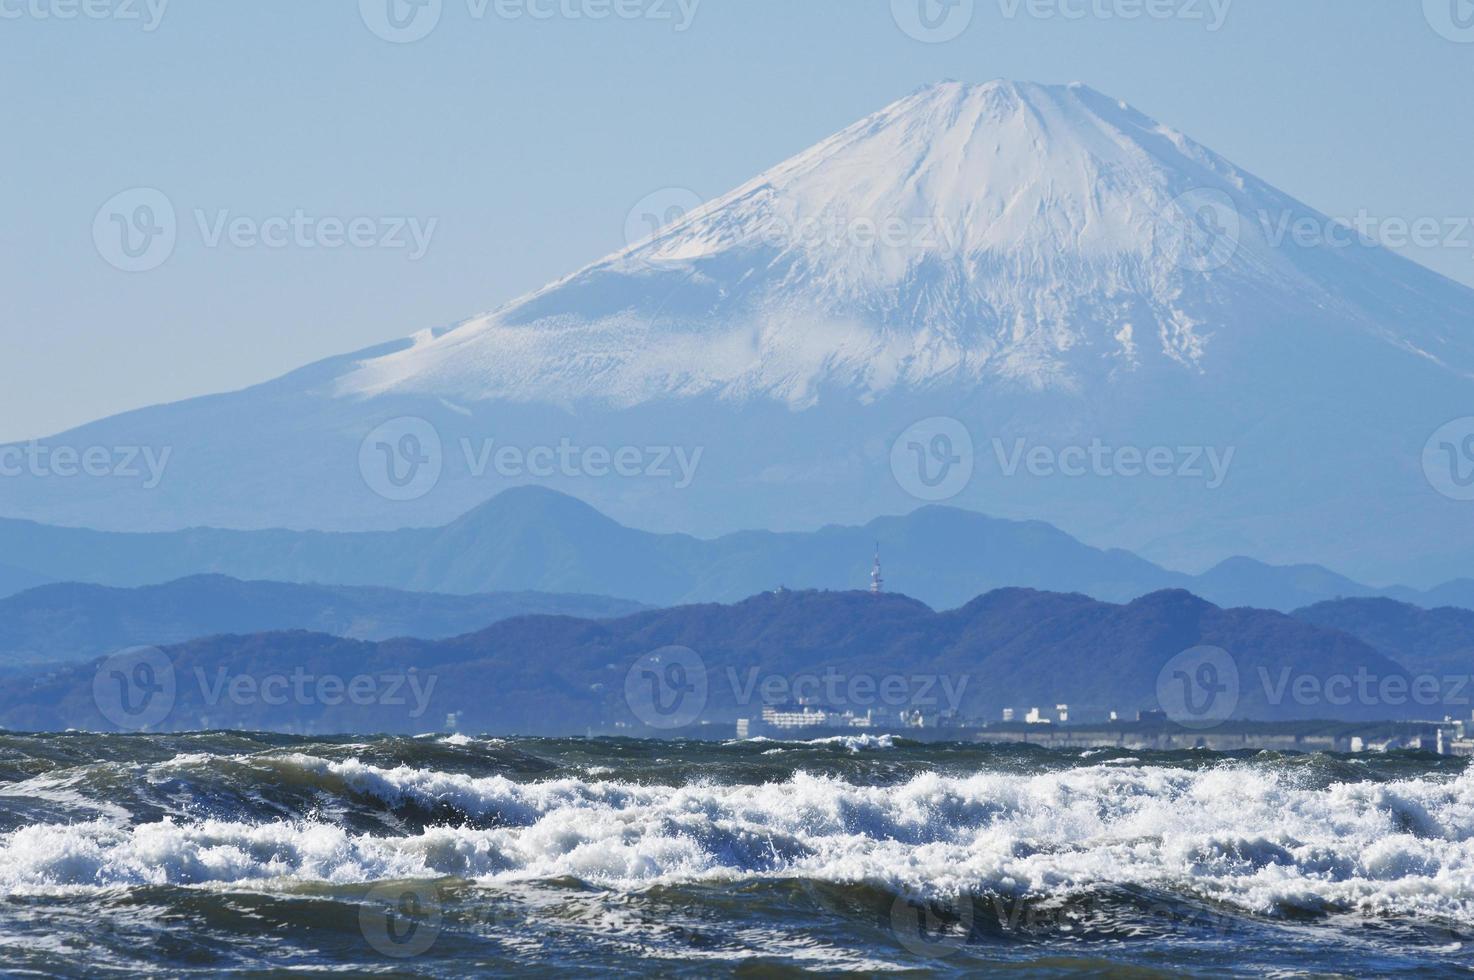 mt.fuji-magnífico foto